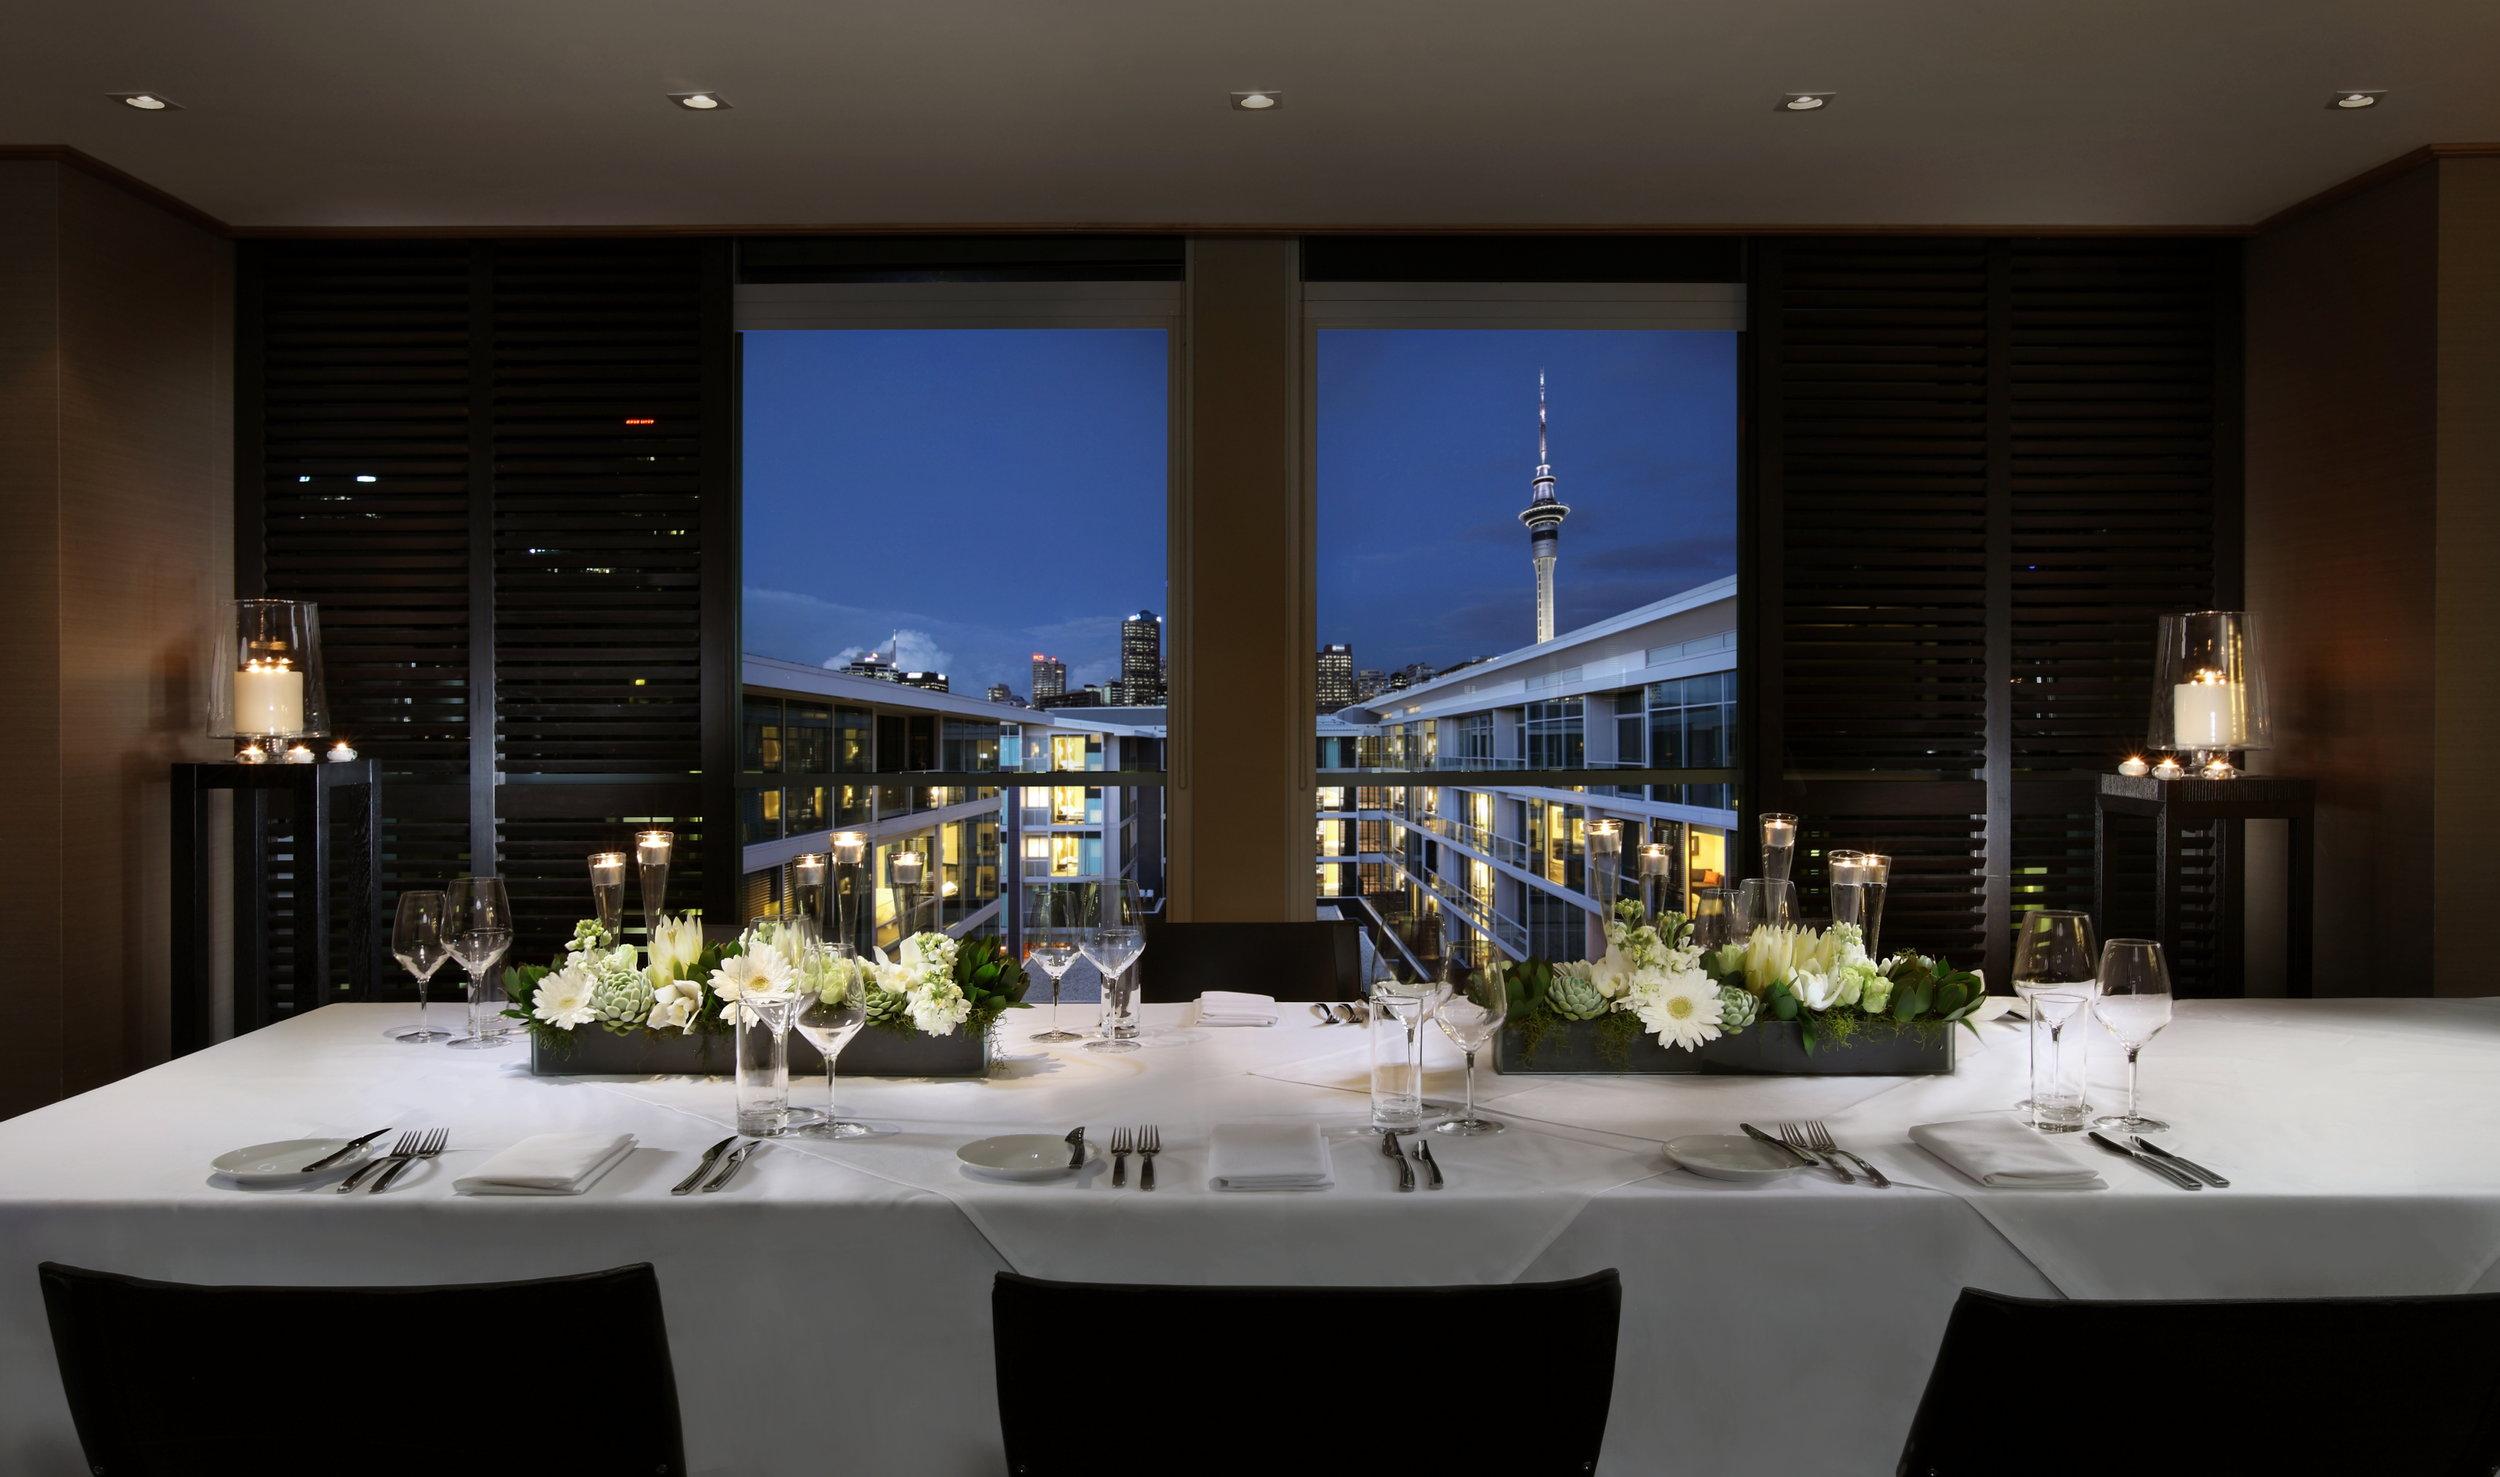 Retreat(Banquet) Smaller JPEG 4MB.JPG